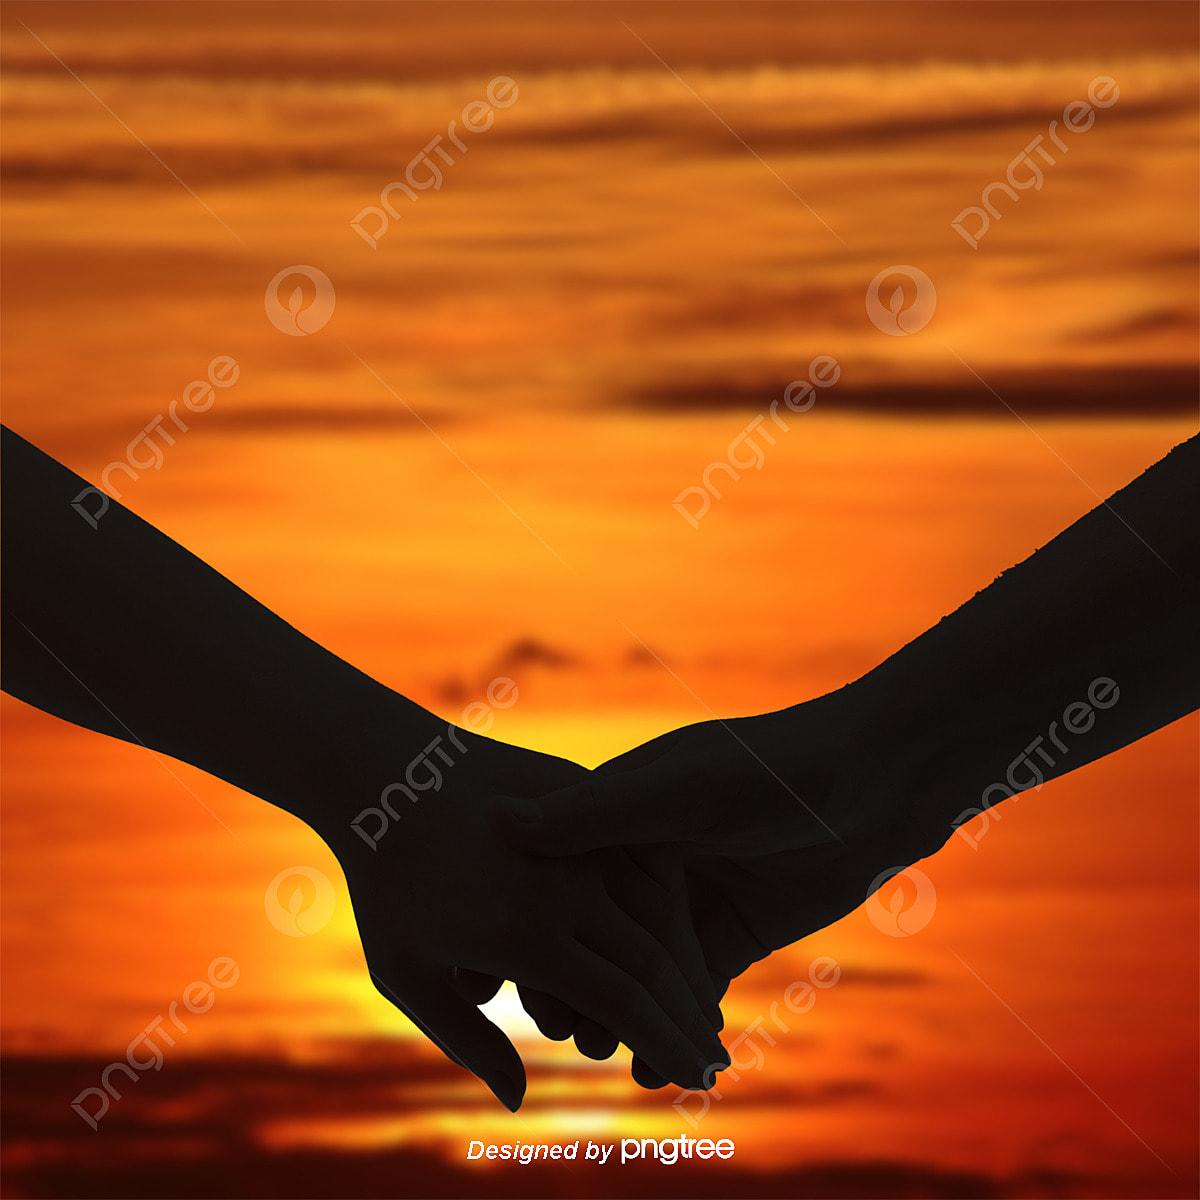 Les Couples En Matiere De Main Dans La Main La Main Dans La Main Les Amants L Amour Fichier Png Et Psd Pour Le Telechargement Libre